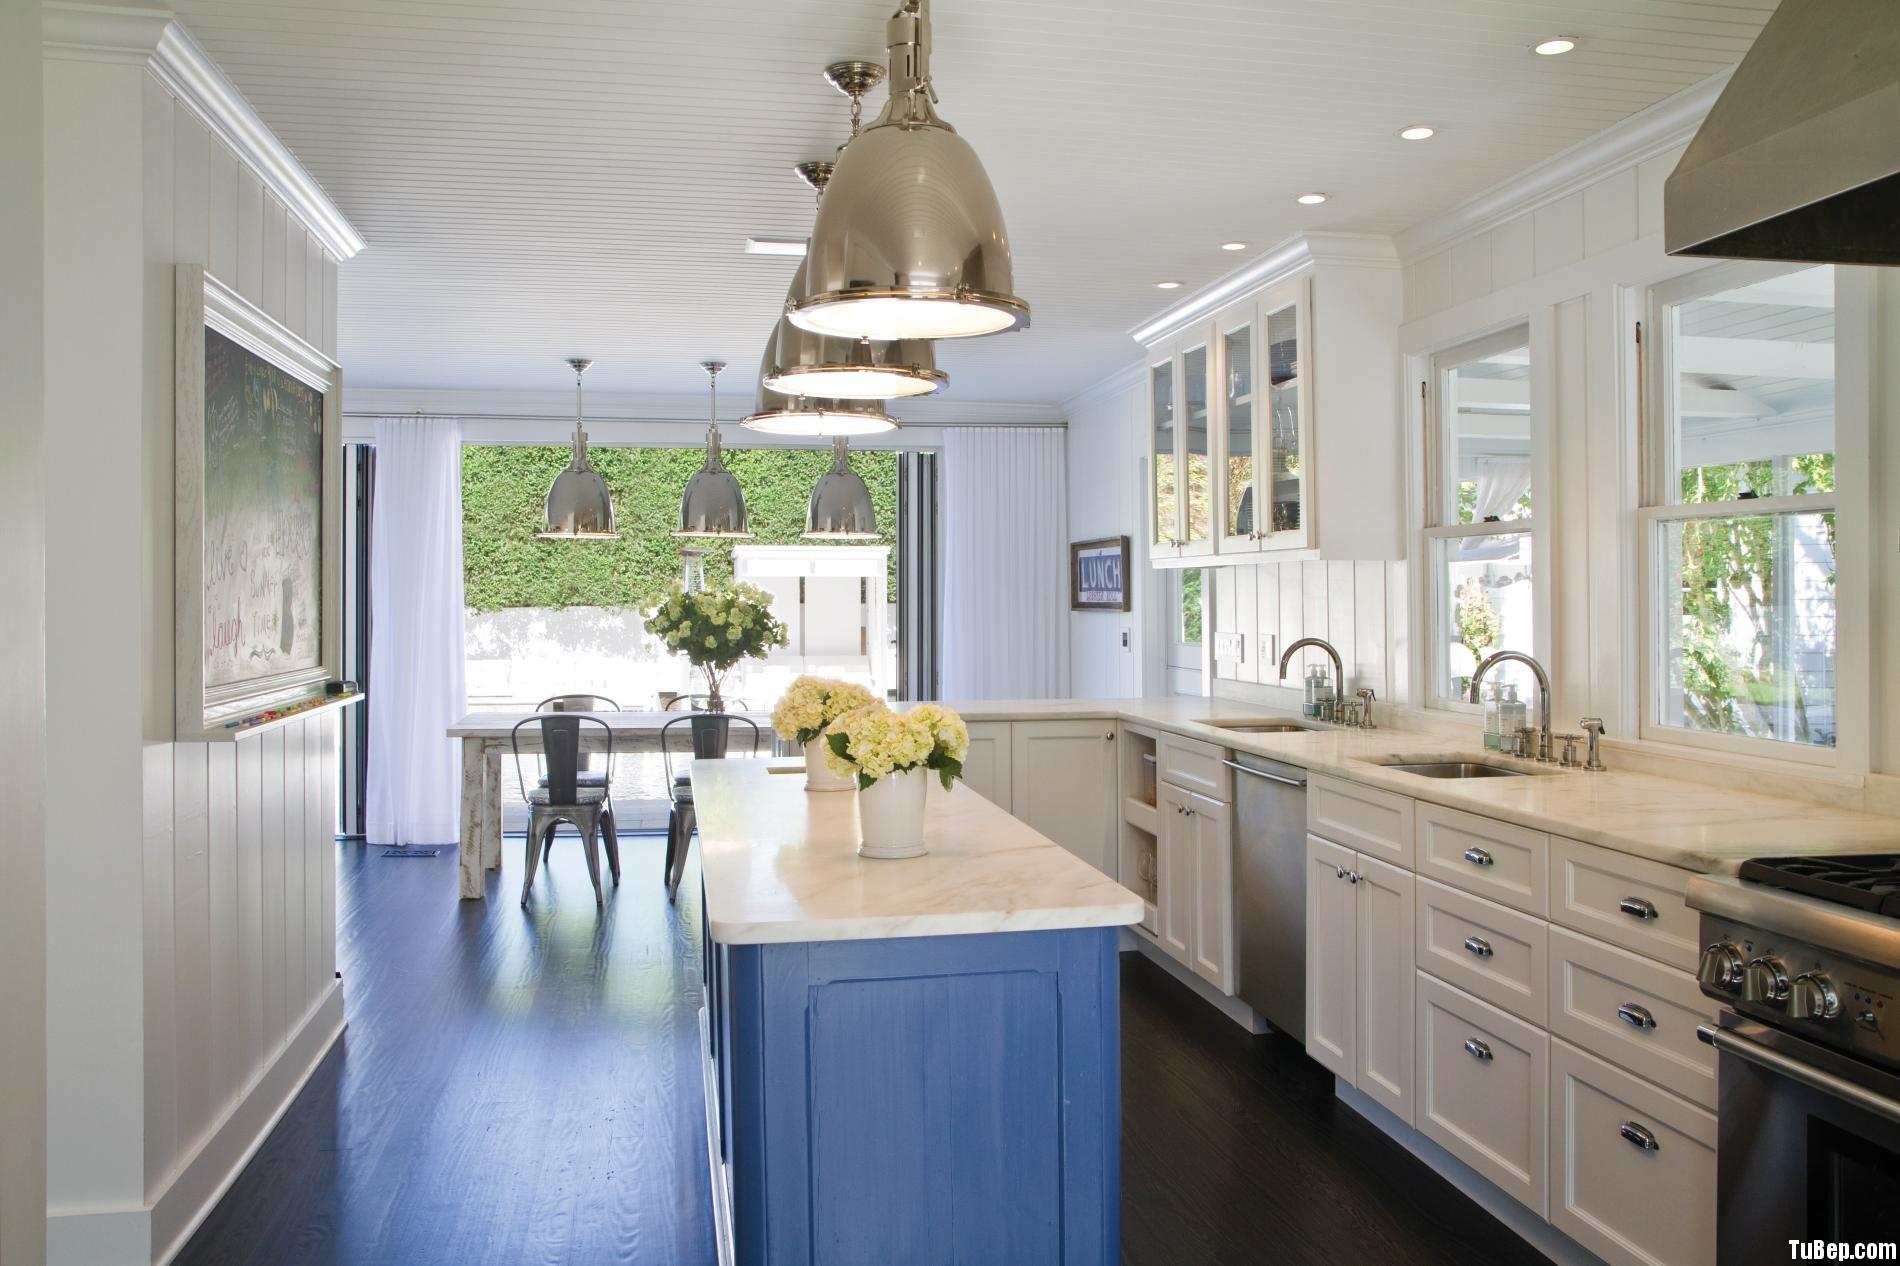 82bd2f8674i xanh.jpg Tủ bếp gỗ Sồi sơn men chữ L TVT0398